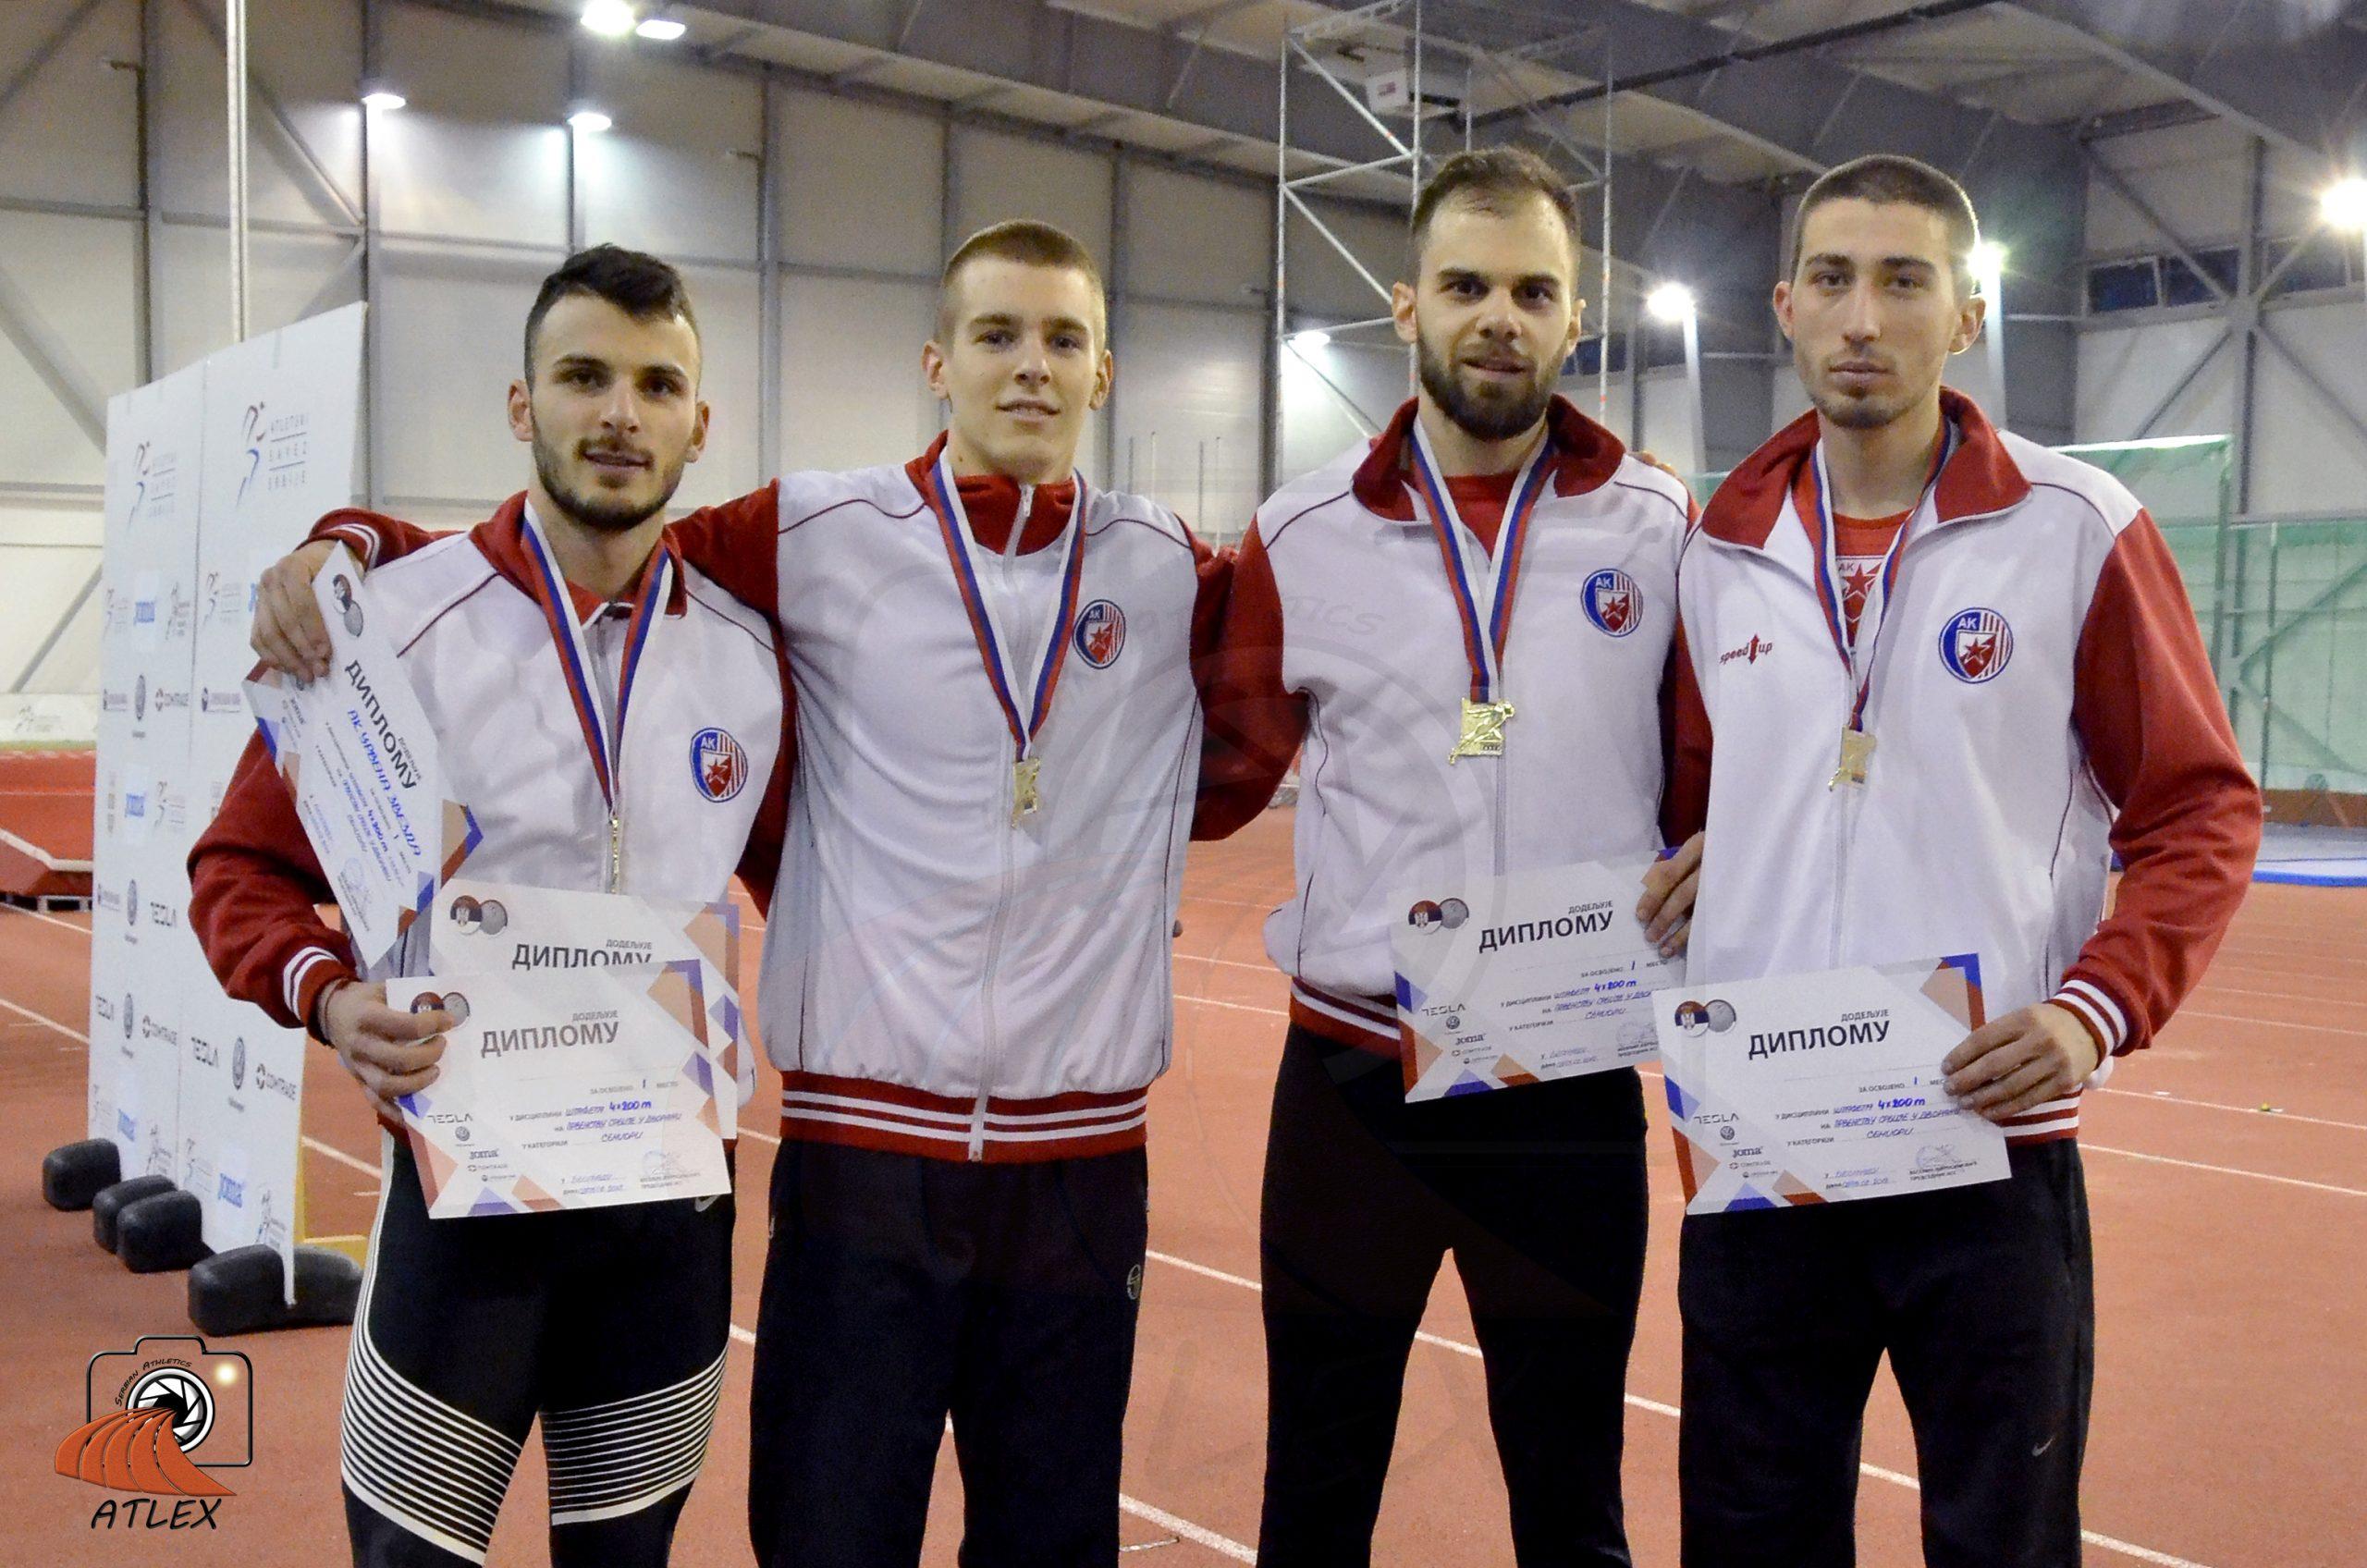 Muška štafeta AK Crvene zvezde državni rekorderi u štafeti 4x200m